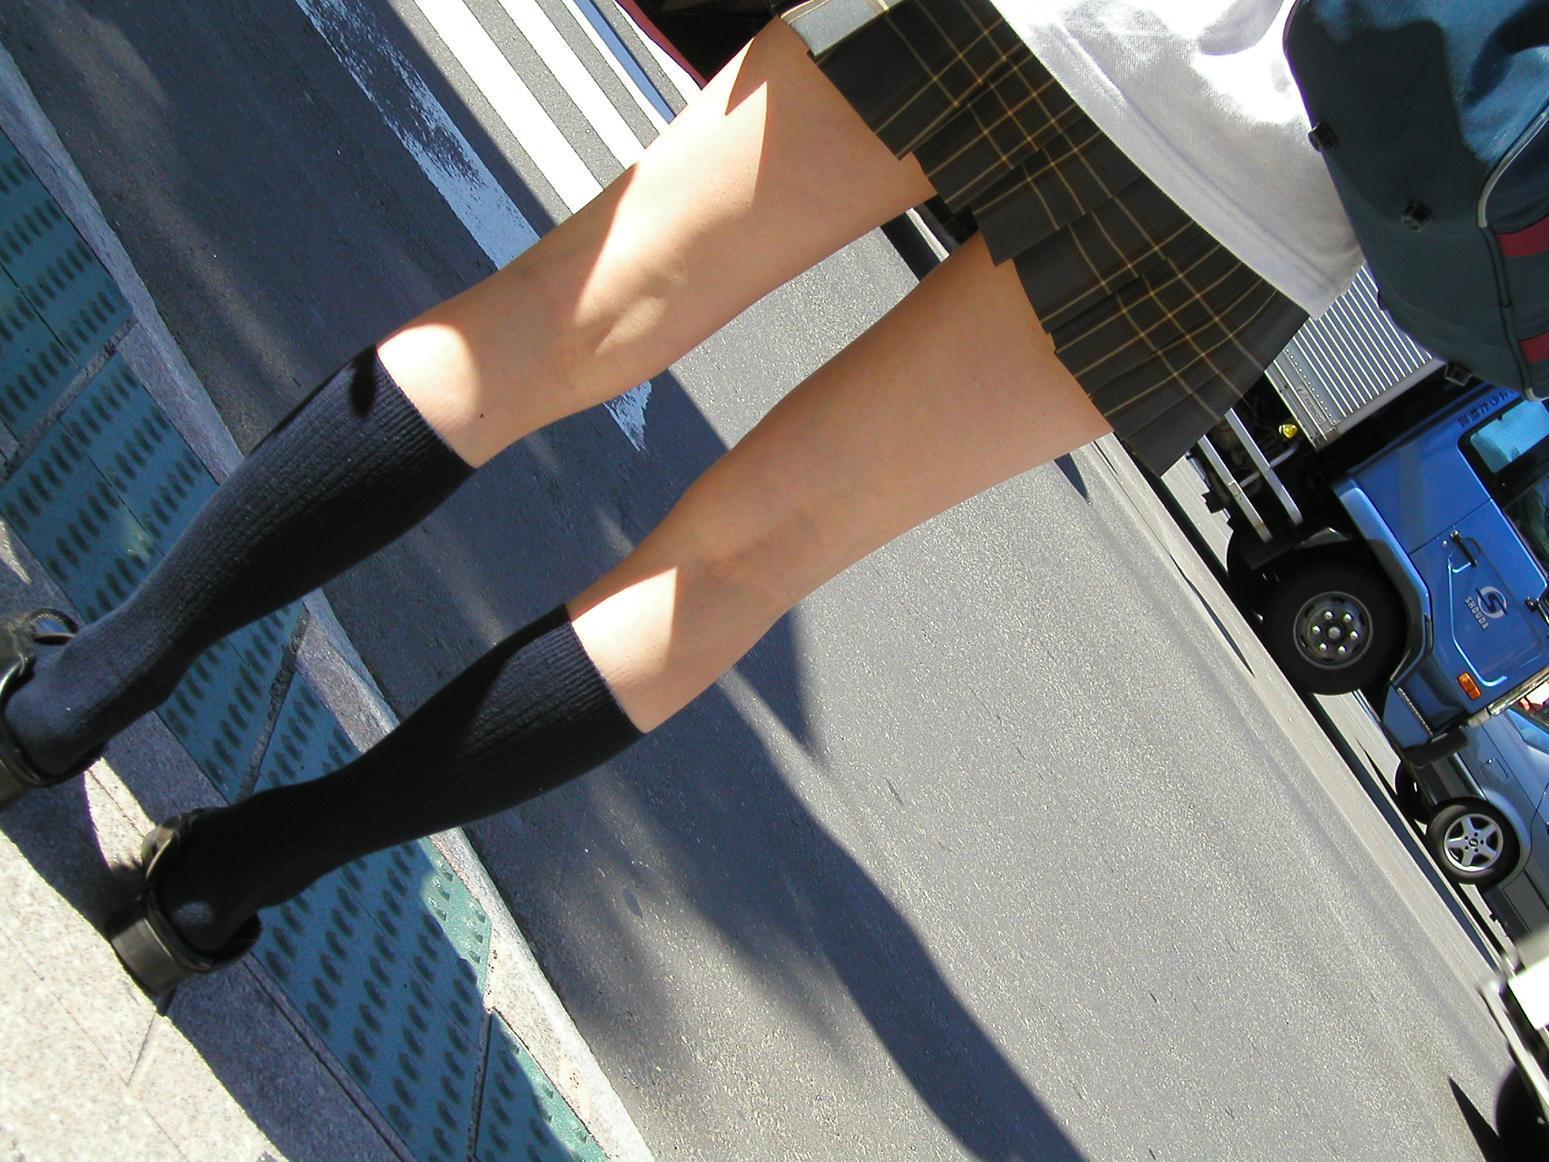 チンコ挟みたくなるエロい足の街撮り画像貼ってこうぜwwwwwwww Ljqm7Rl